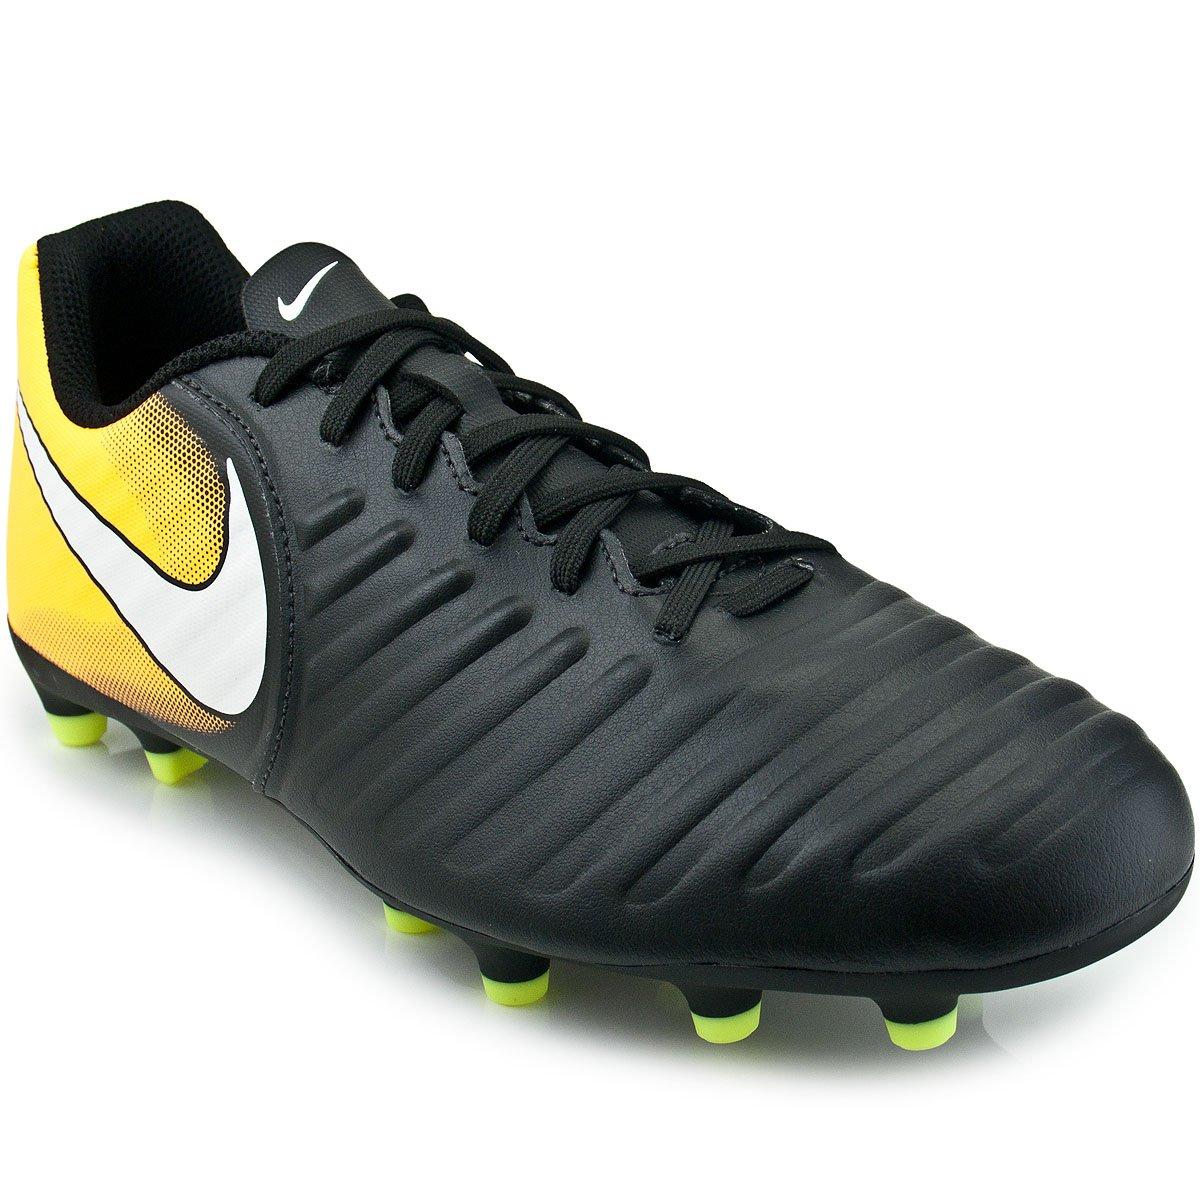 9cbbfb5457 Chuteira Nike Tiempo Rio IV FG